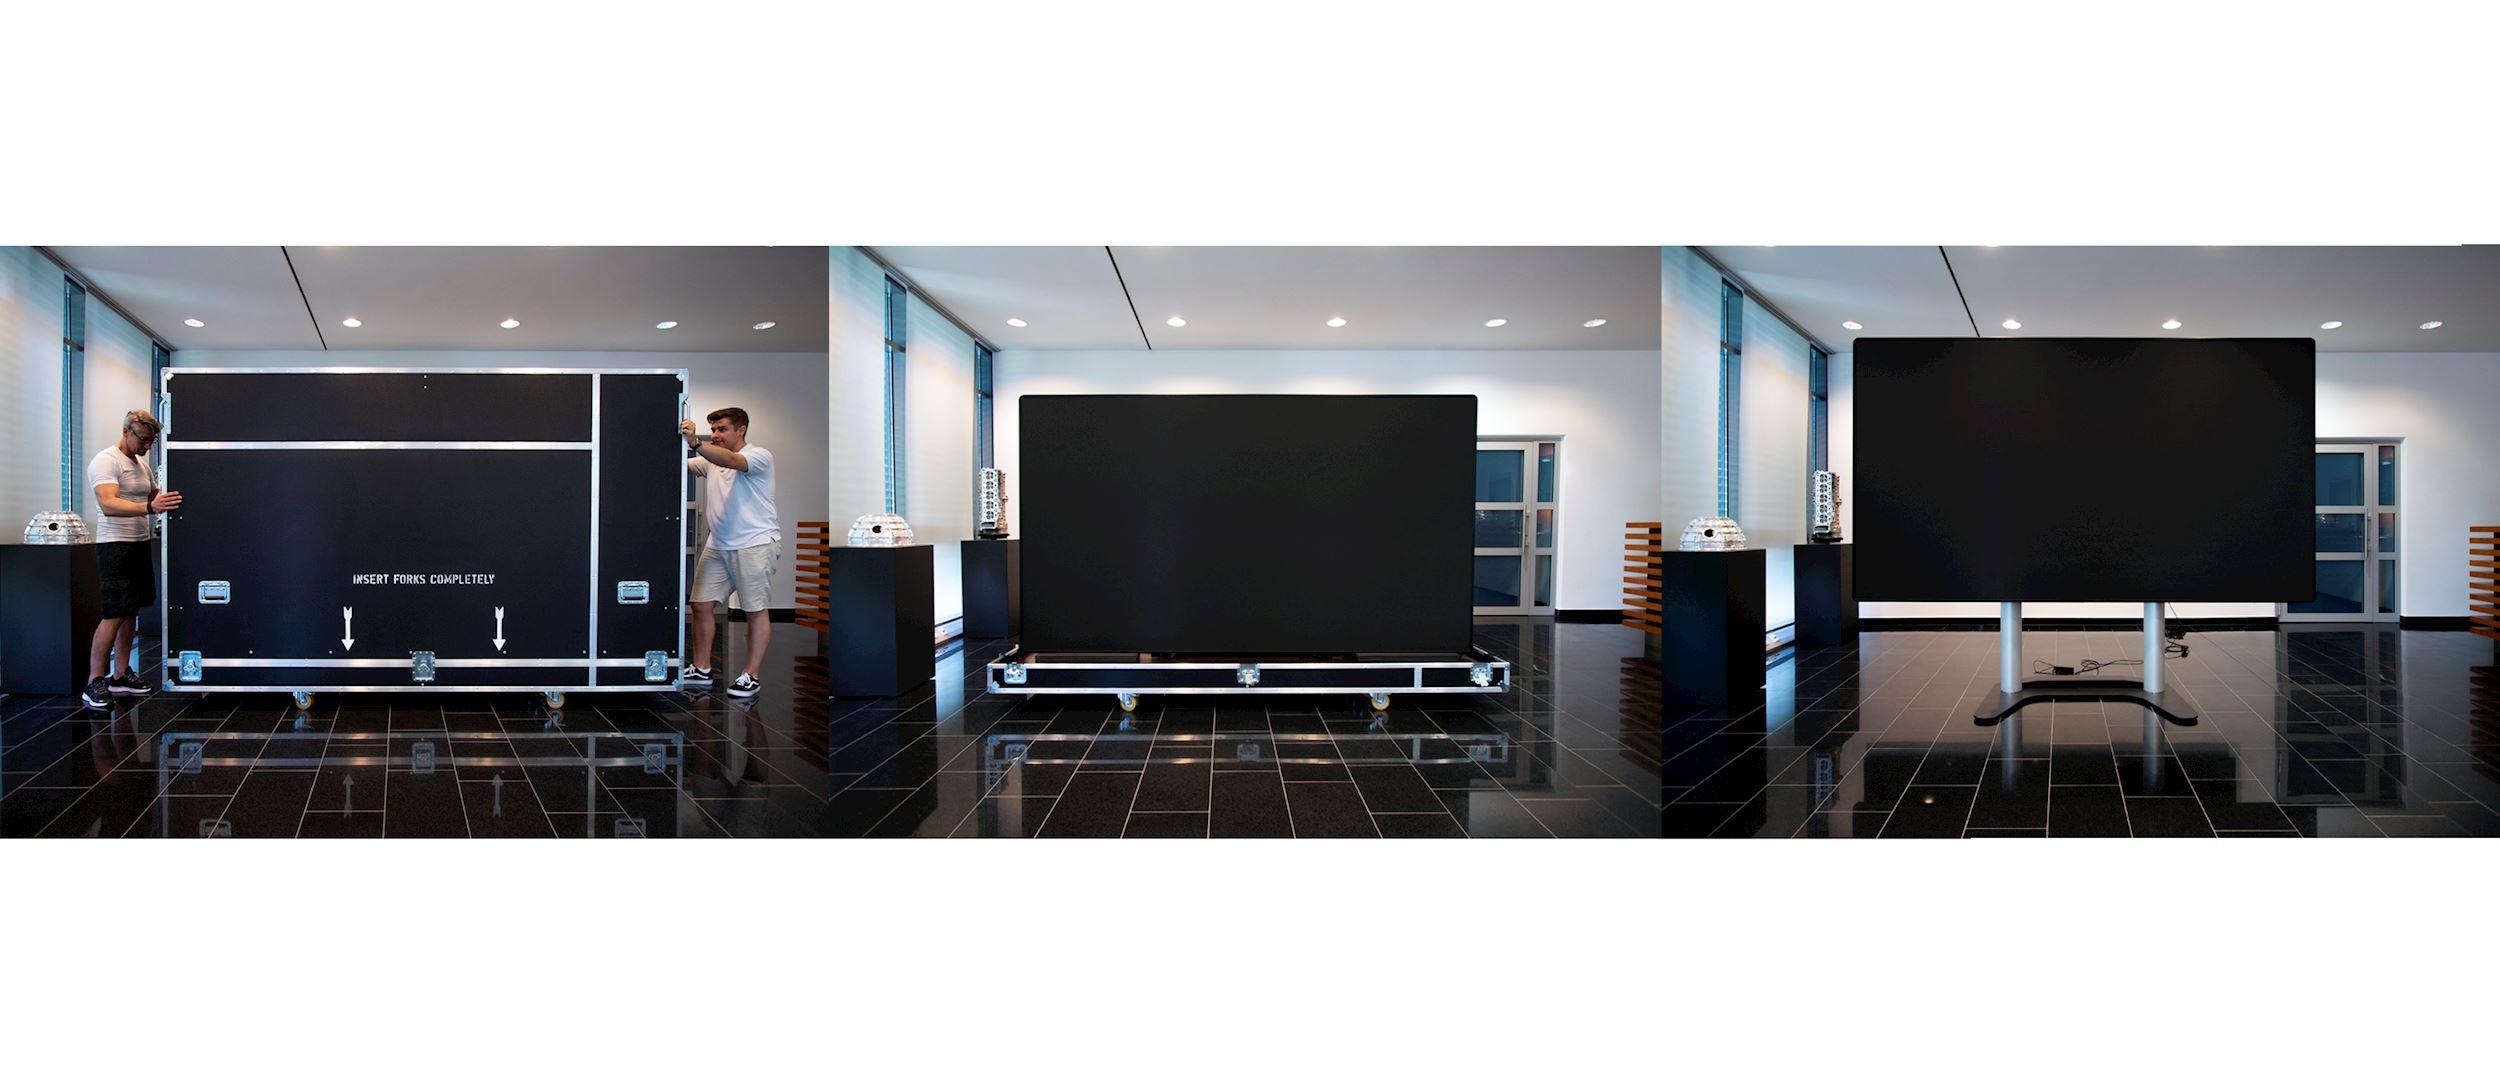 Großflächige LED Anzeige innerhalb weniger Minuten